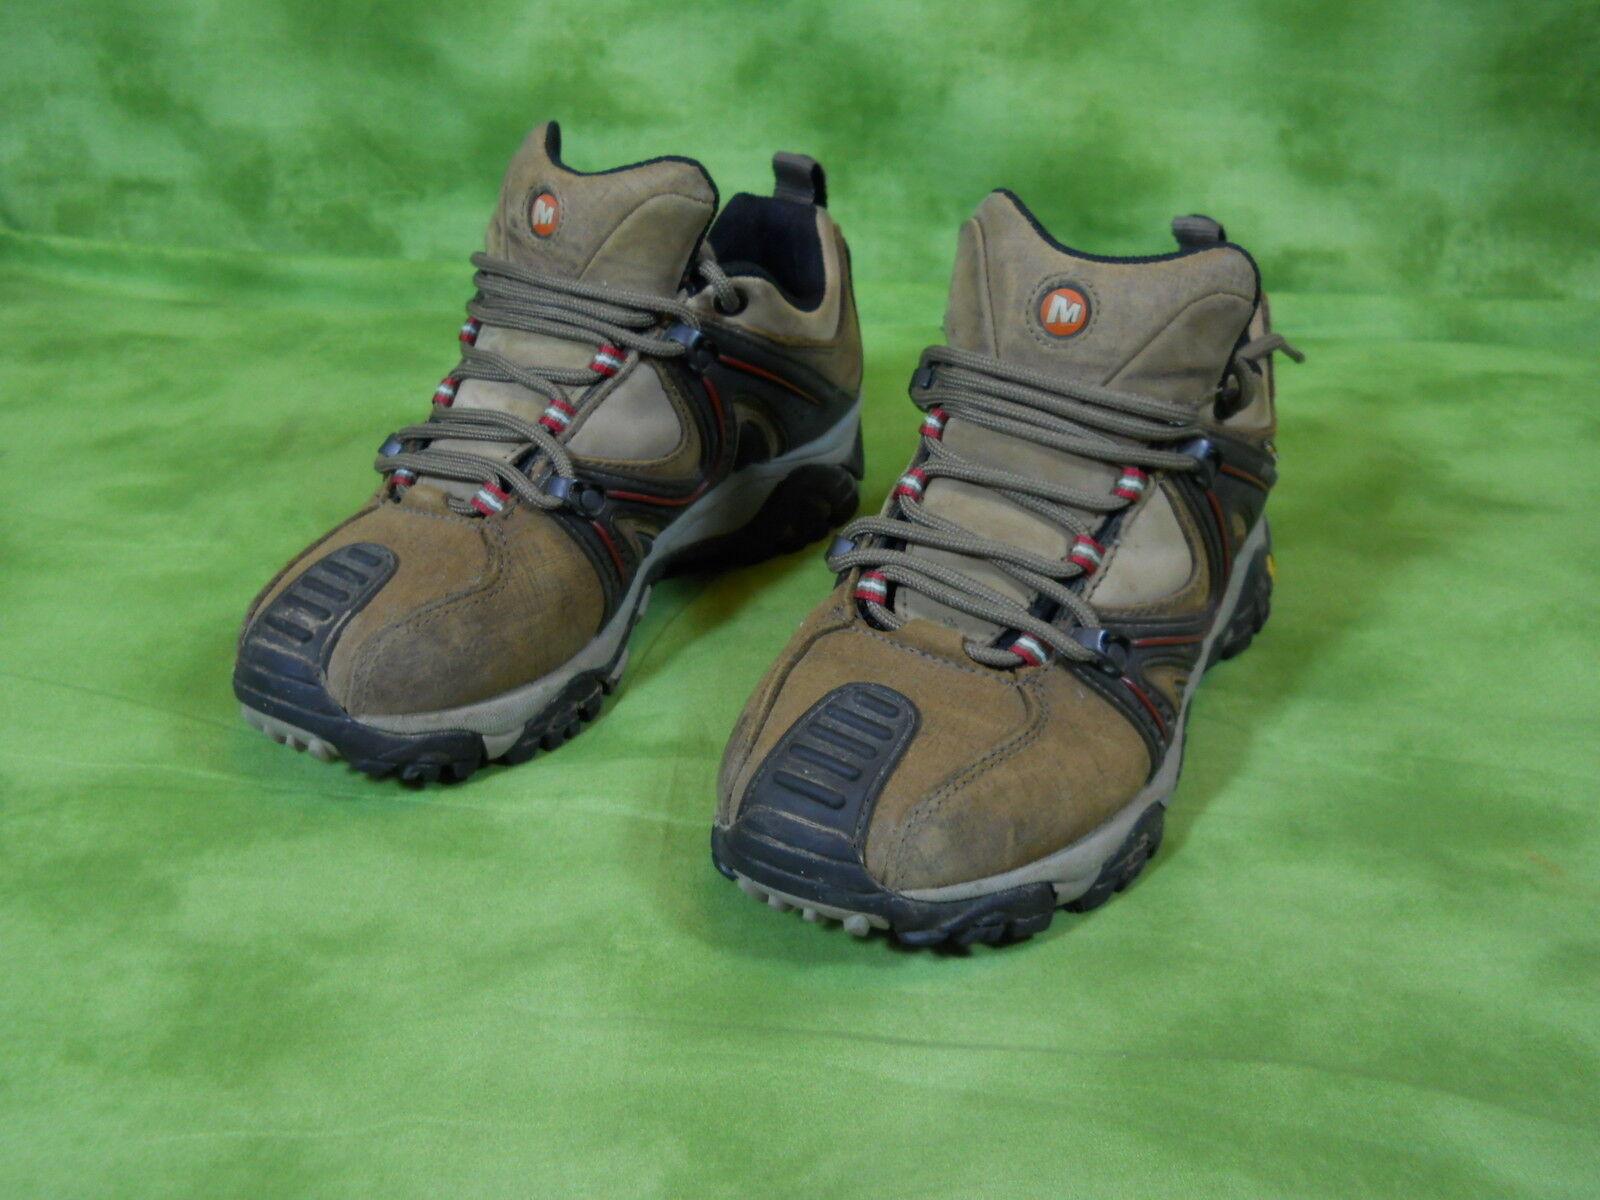 Merrell Reactor shoes women's 5.5  Q Form Air Cushion continuum